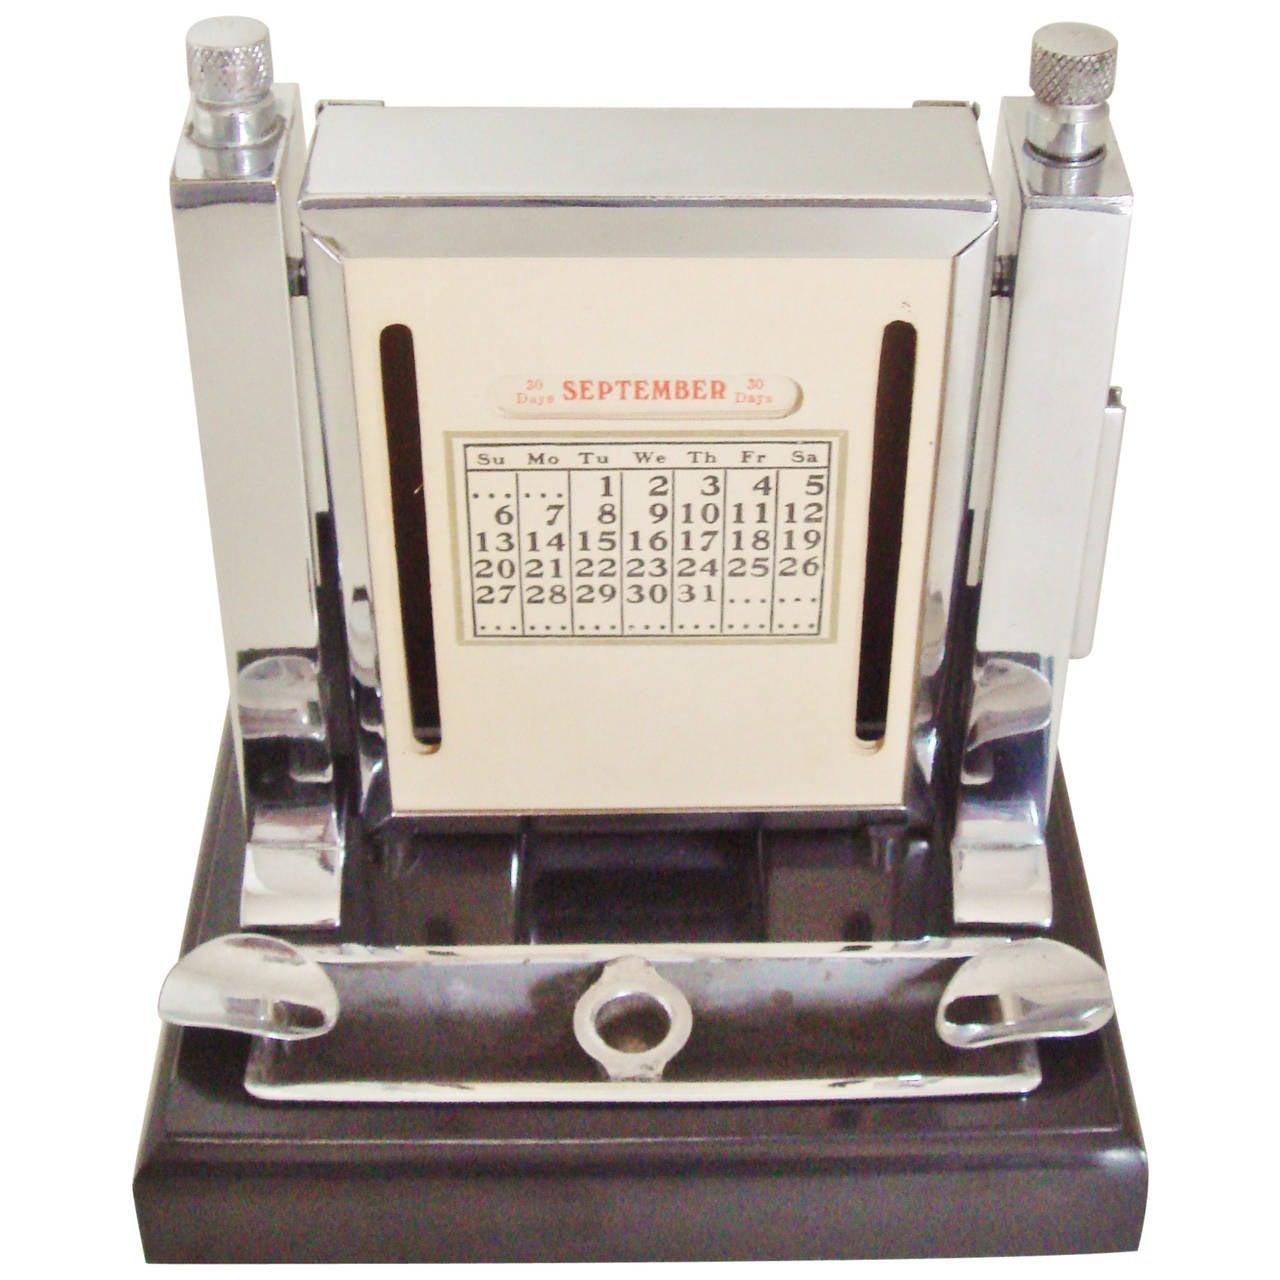 Art Deco Perpetual Calendar, Cigarette Dispenser, Striker Lighter and Ashtray 1